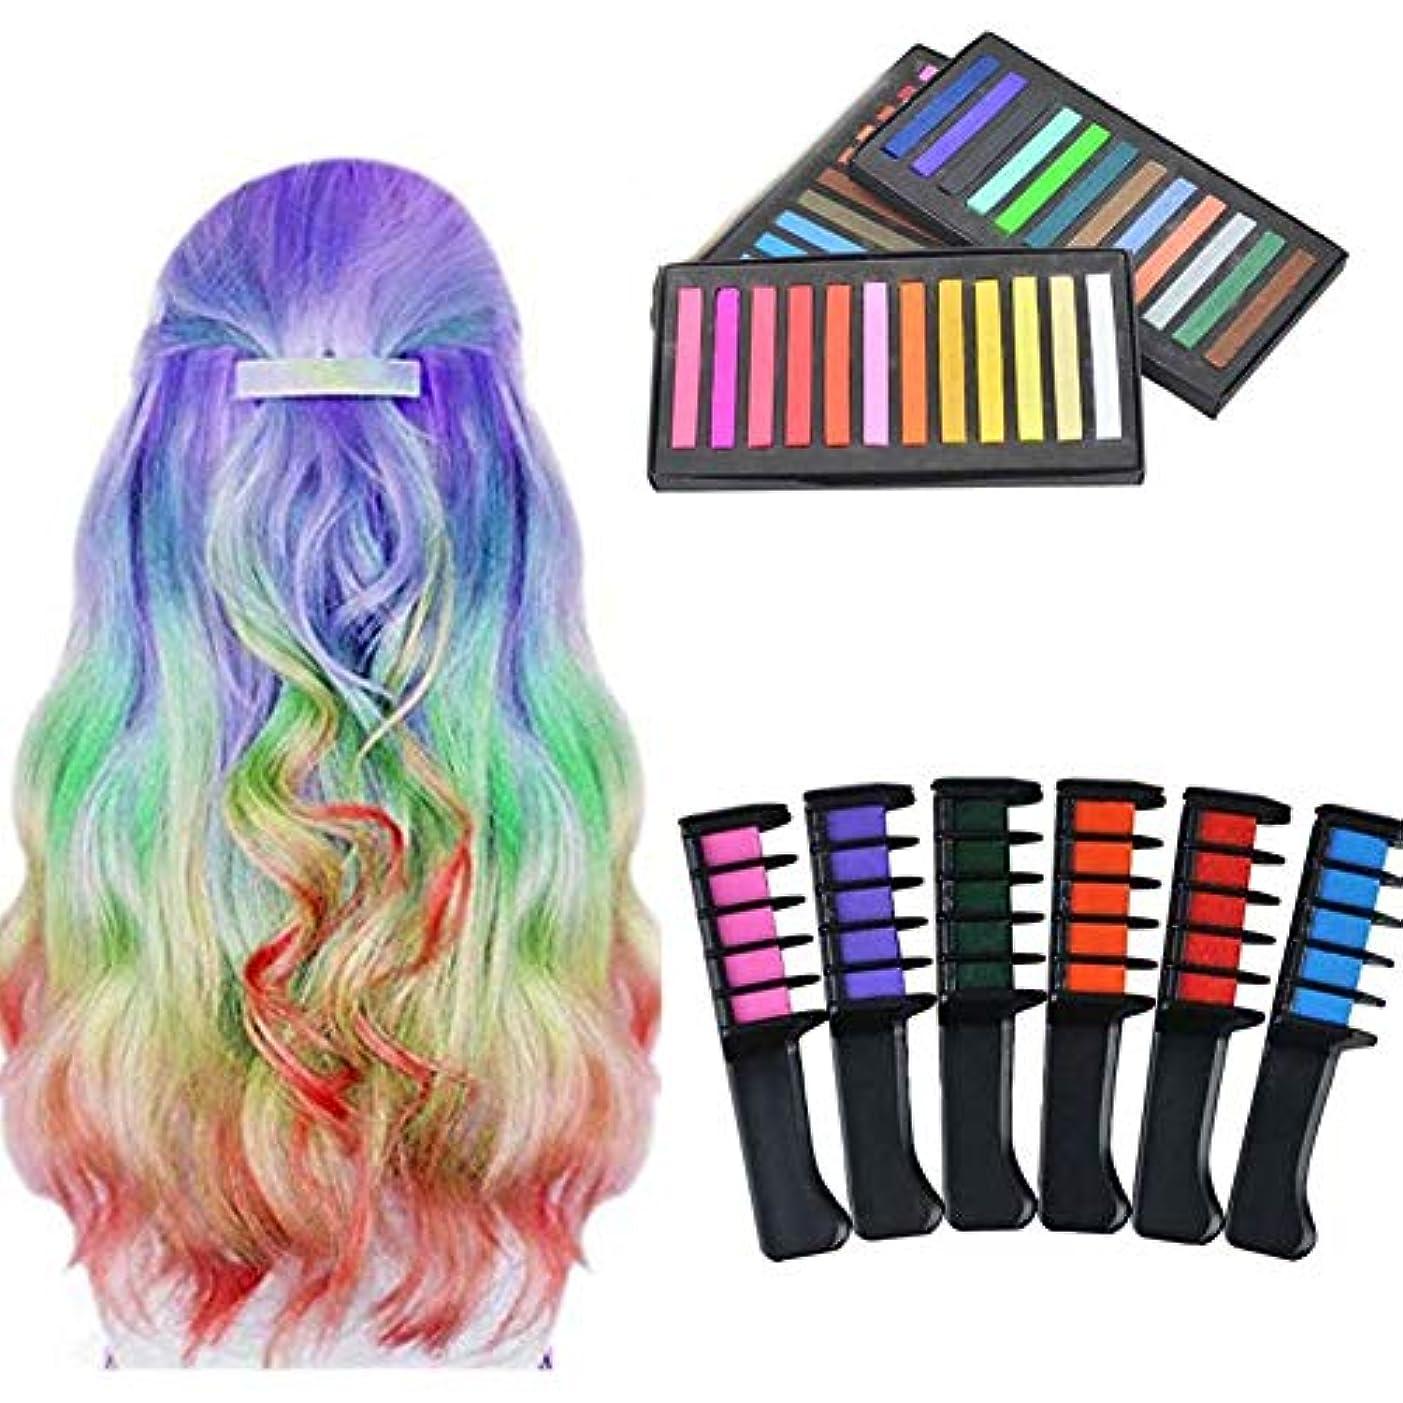 悲しいことに通行人低下キッズパーティー洗える髪染めペットキット(6色+ 36色ヘアスティック)のための髪染料チョーク櫛一時的な色